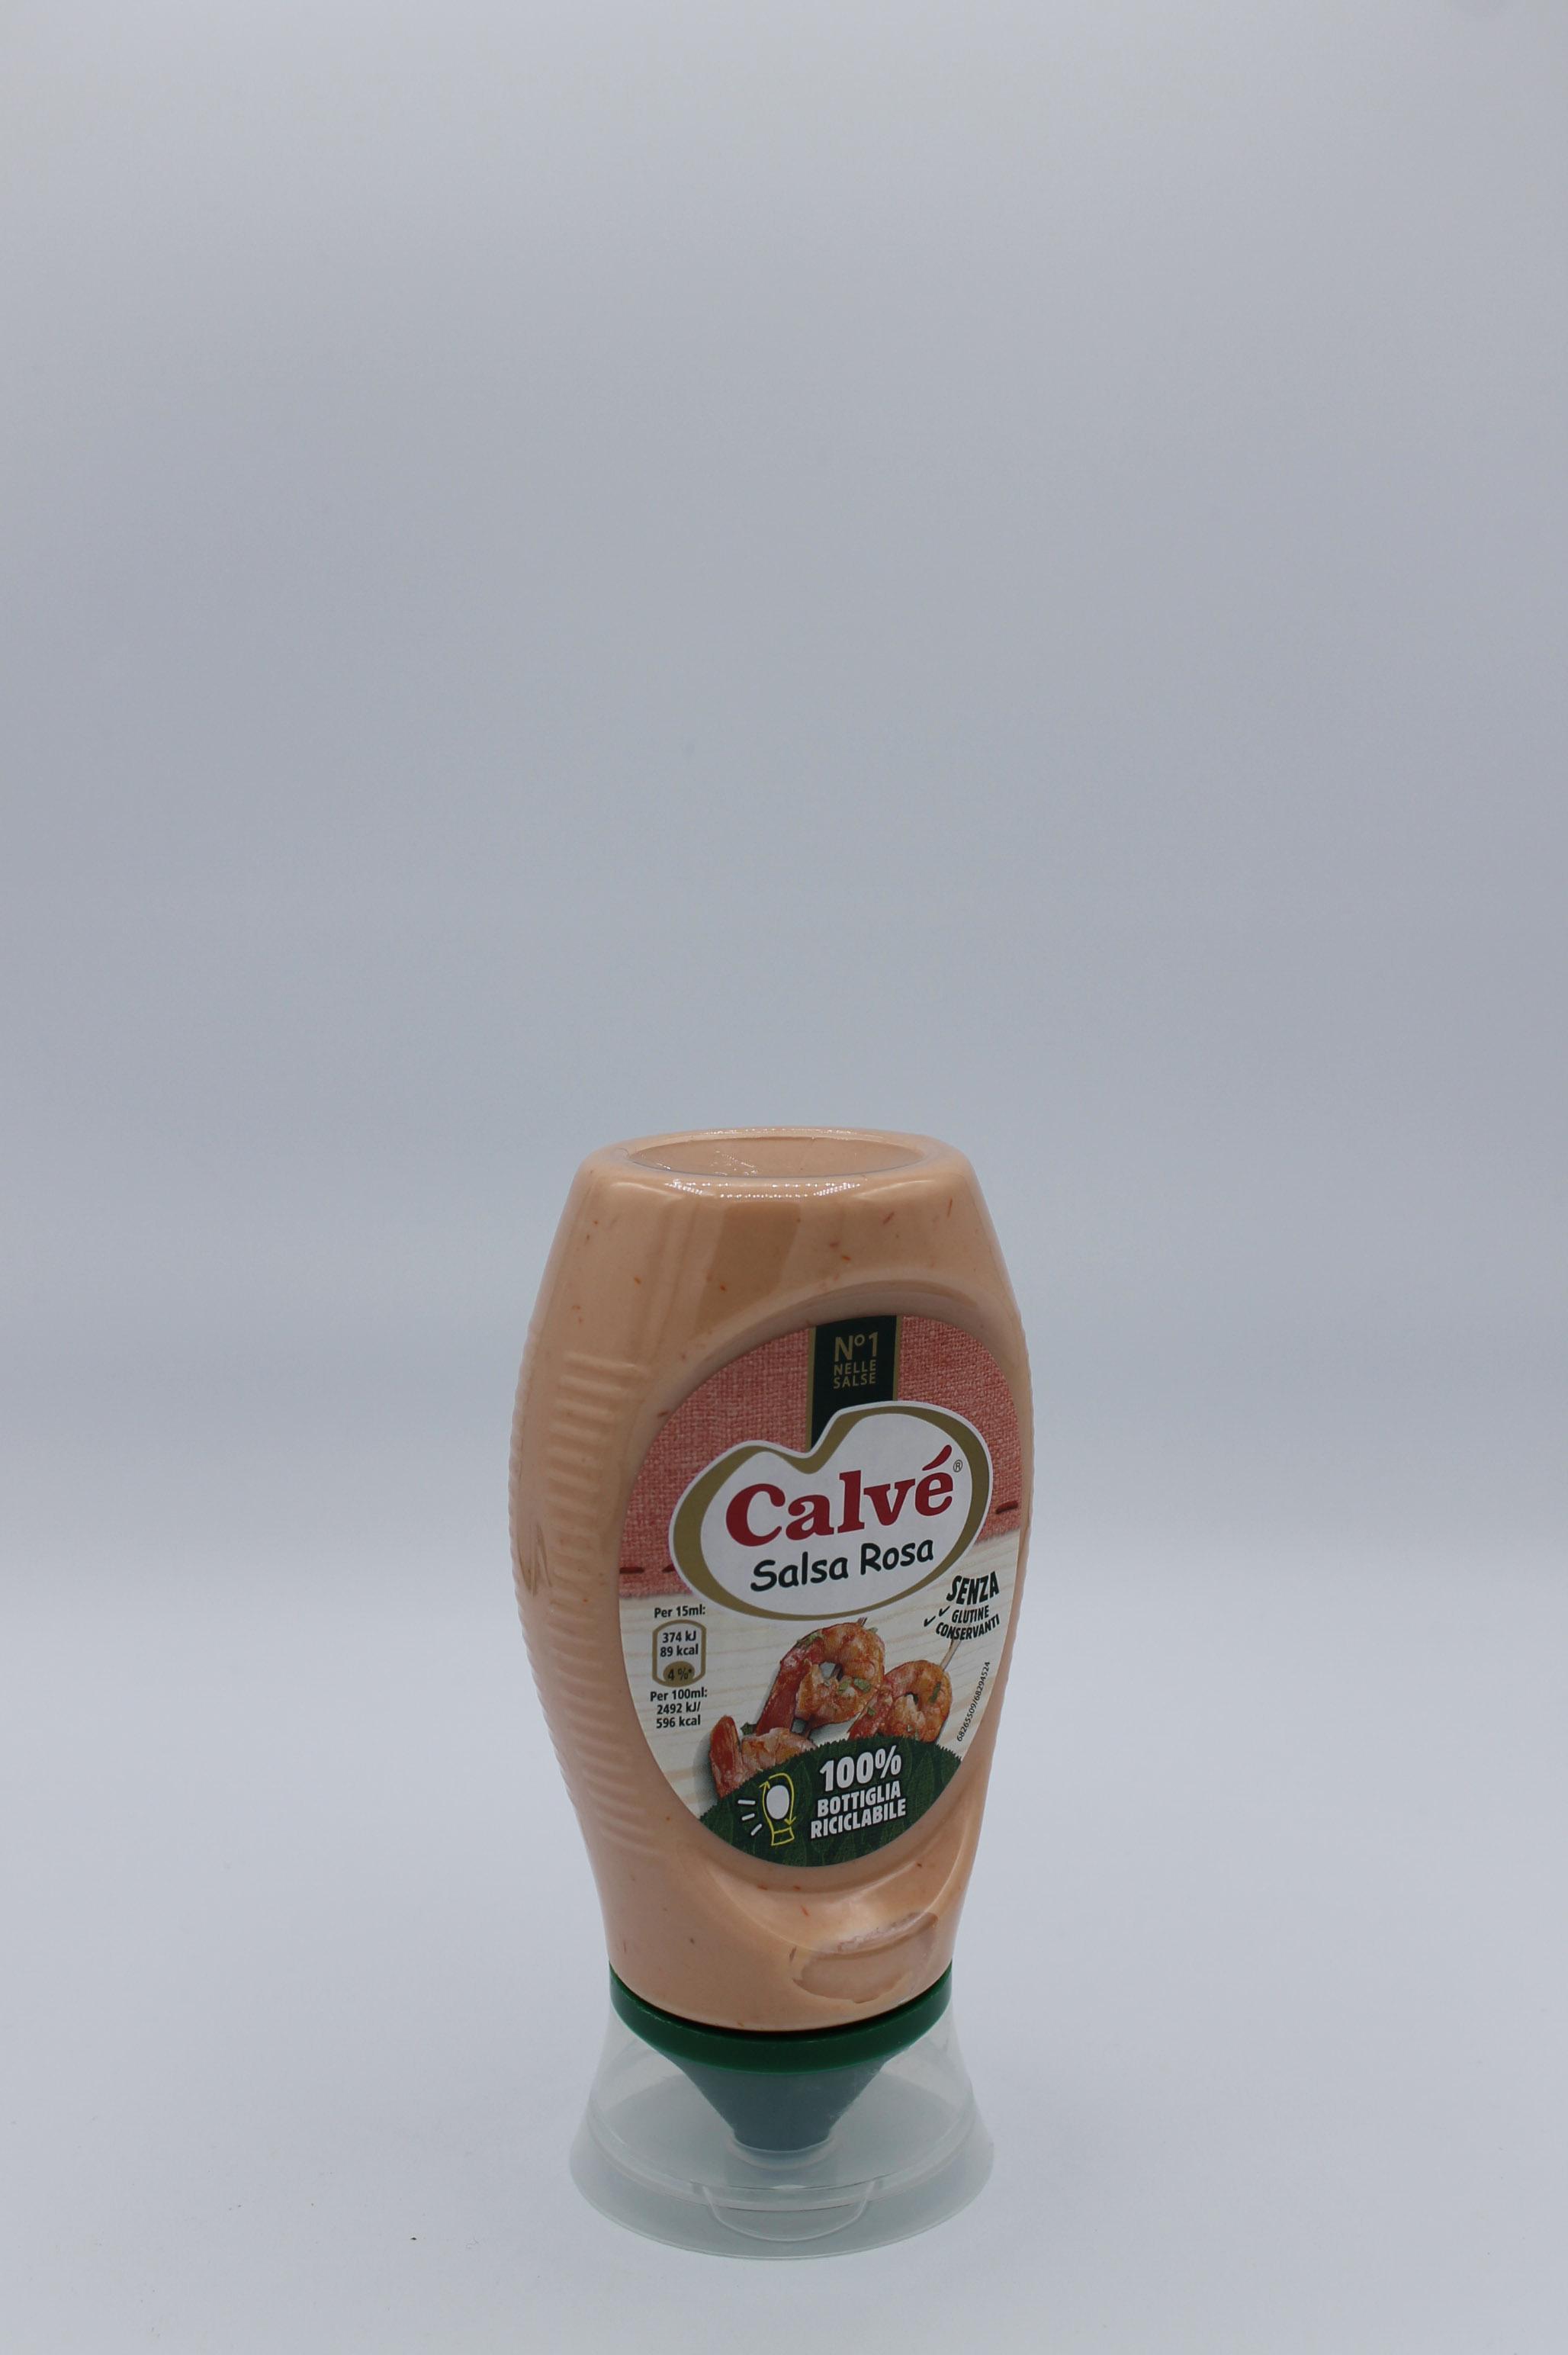 Calvè salsa rosa topdown 239 gr.